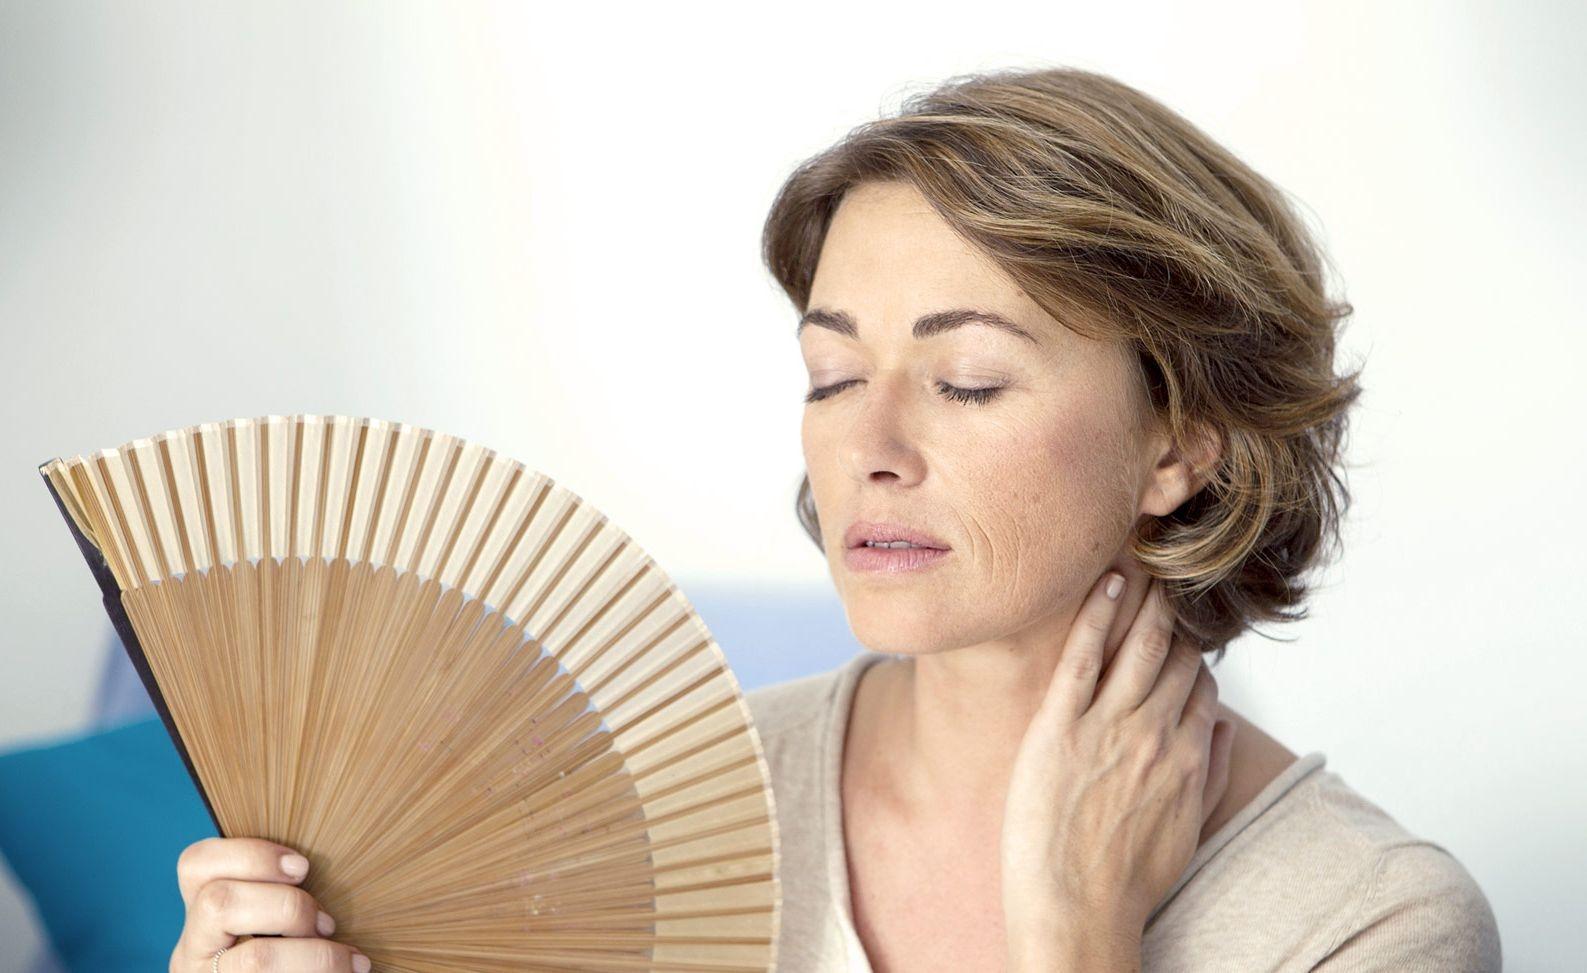 10 dicas para evitar o calorão da menopausa